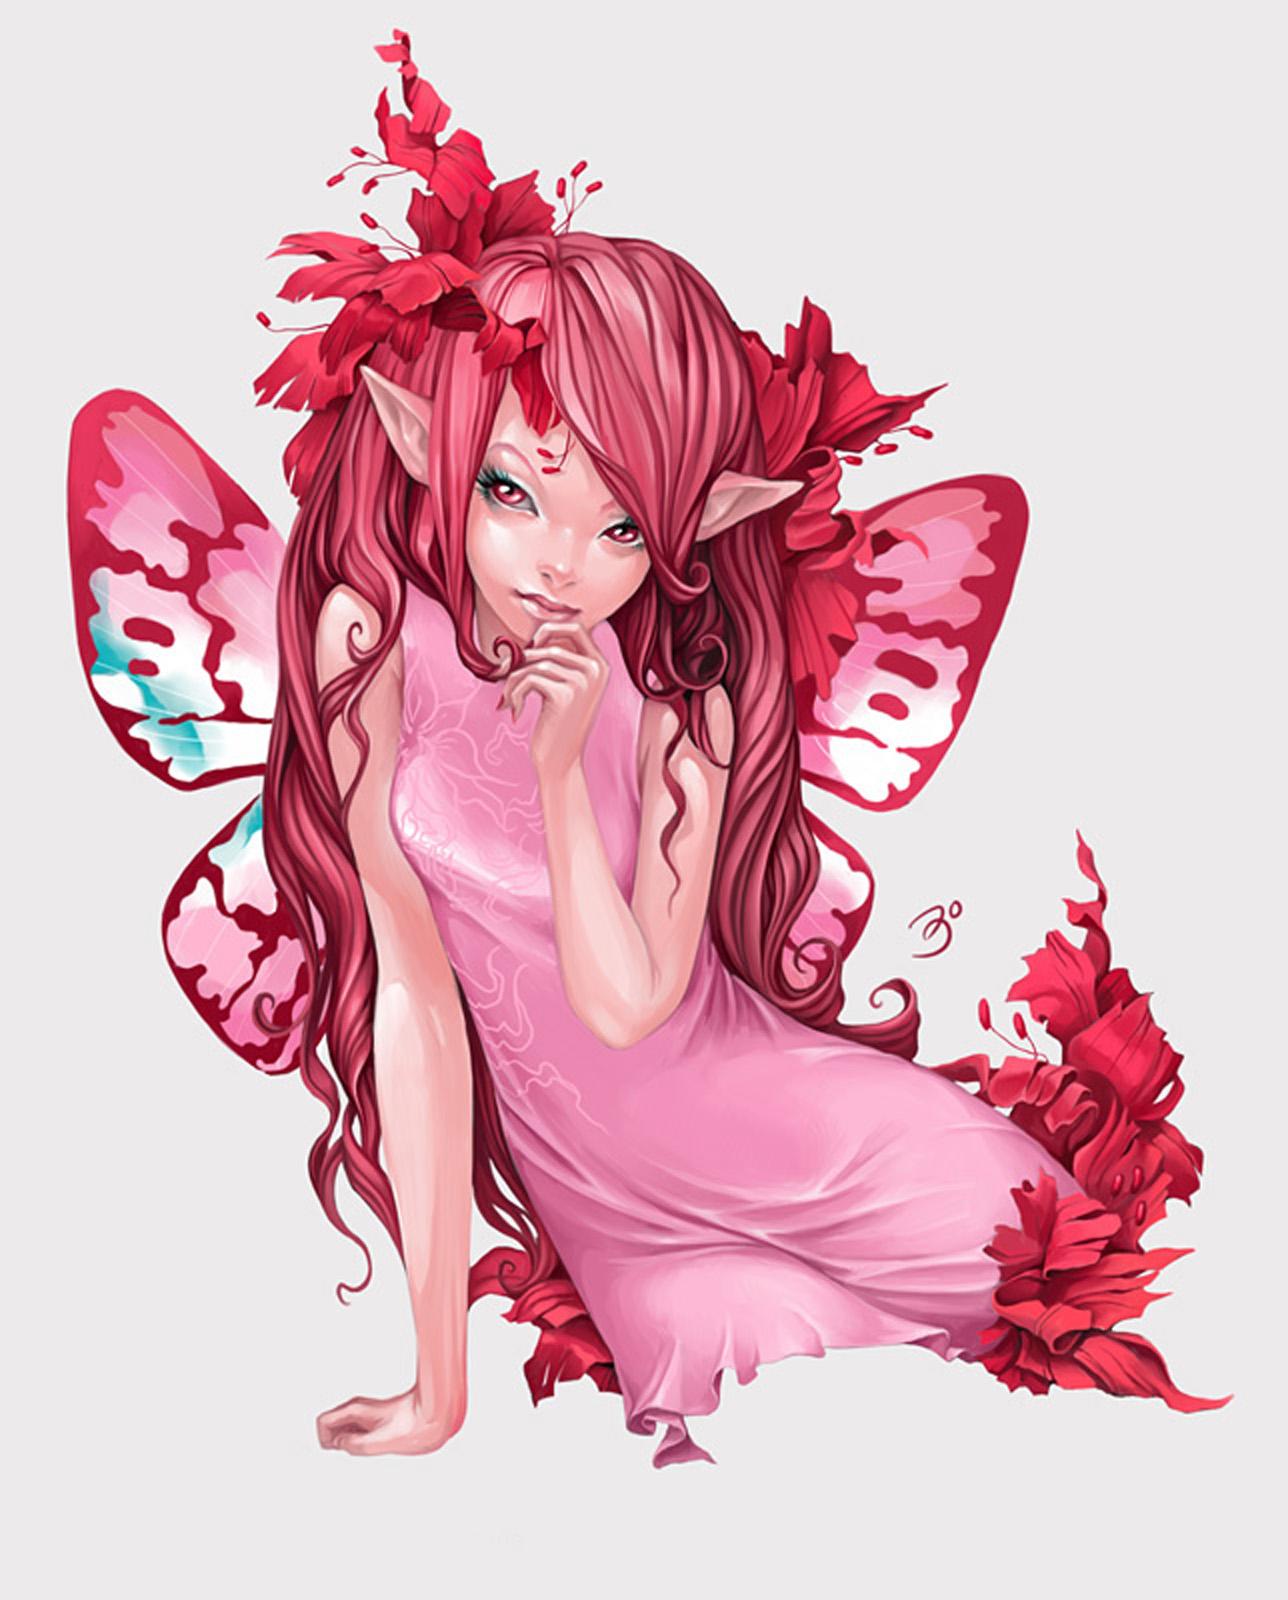 Розовая и симпатичная 18 фотография